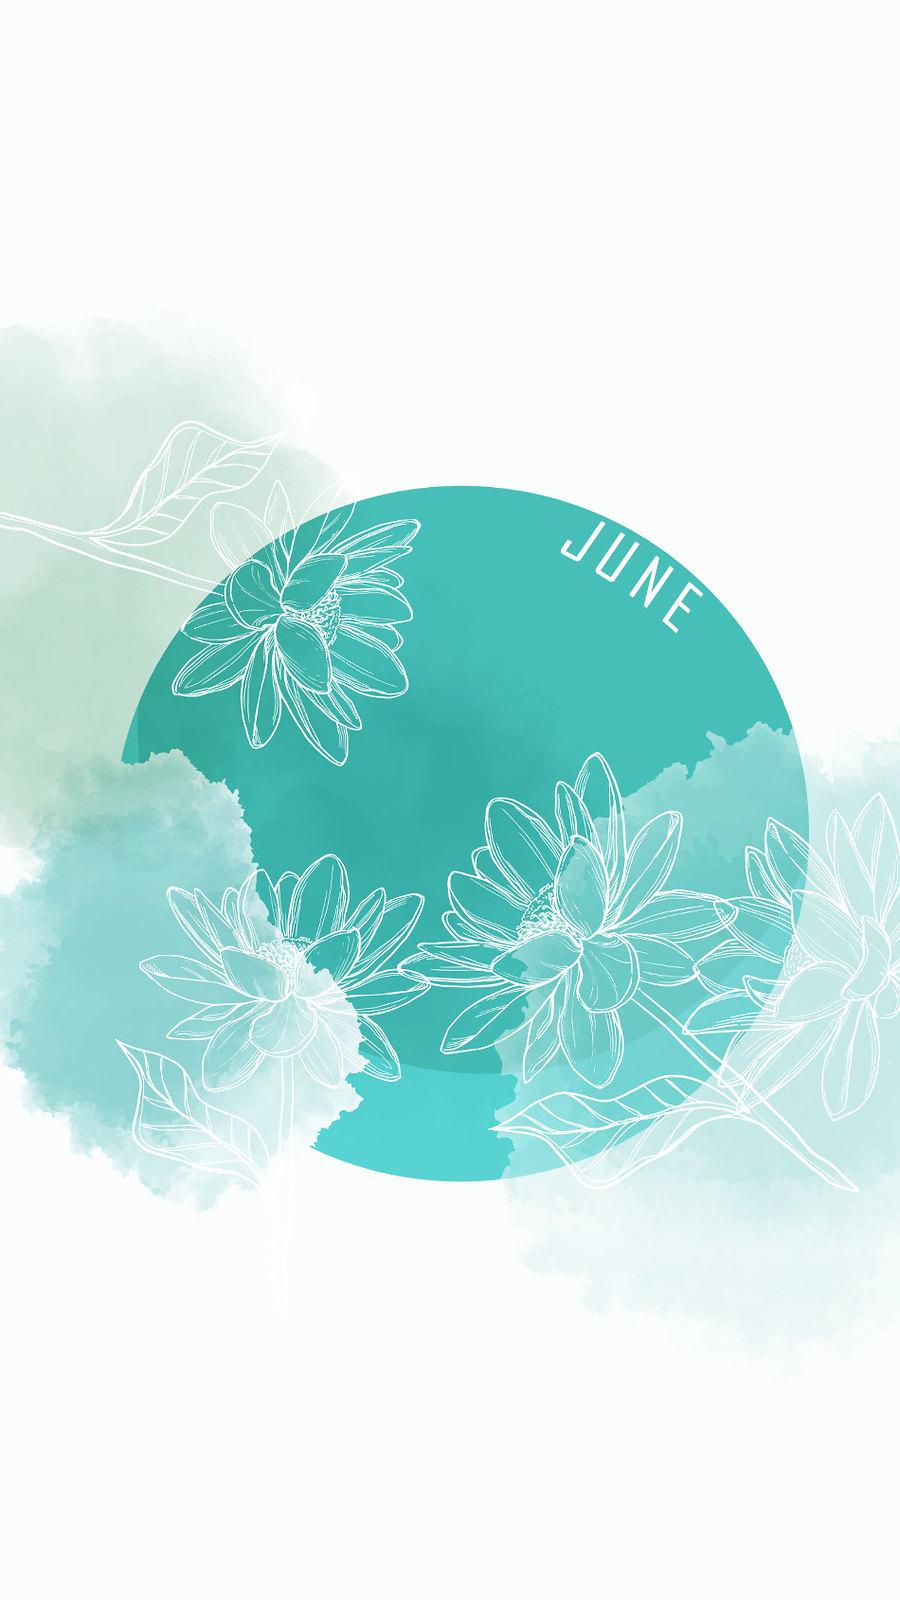 календарь на июнь '21, заставка на смартфон, district-f.org 7